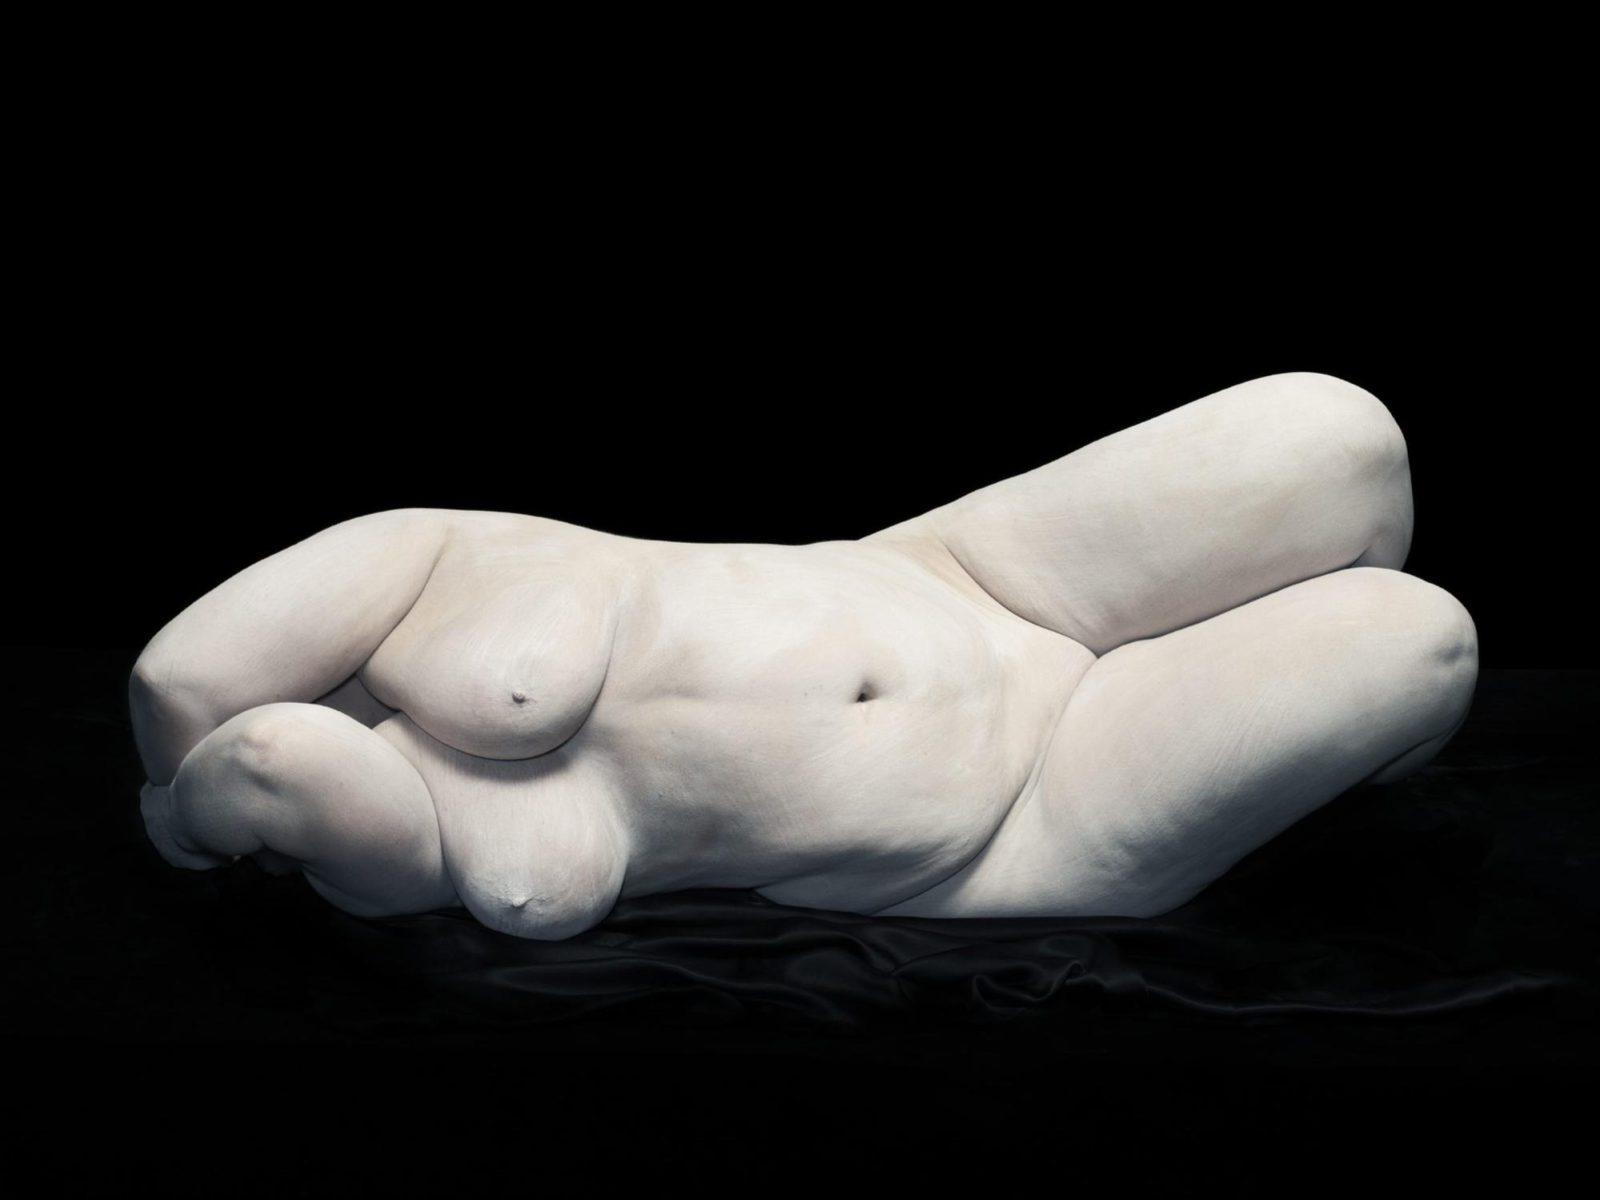 Elizabeth con i gomiti che nascondono il viso, 2012. Dalla fotografia di Bodies di Nadav Kander